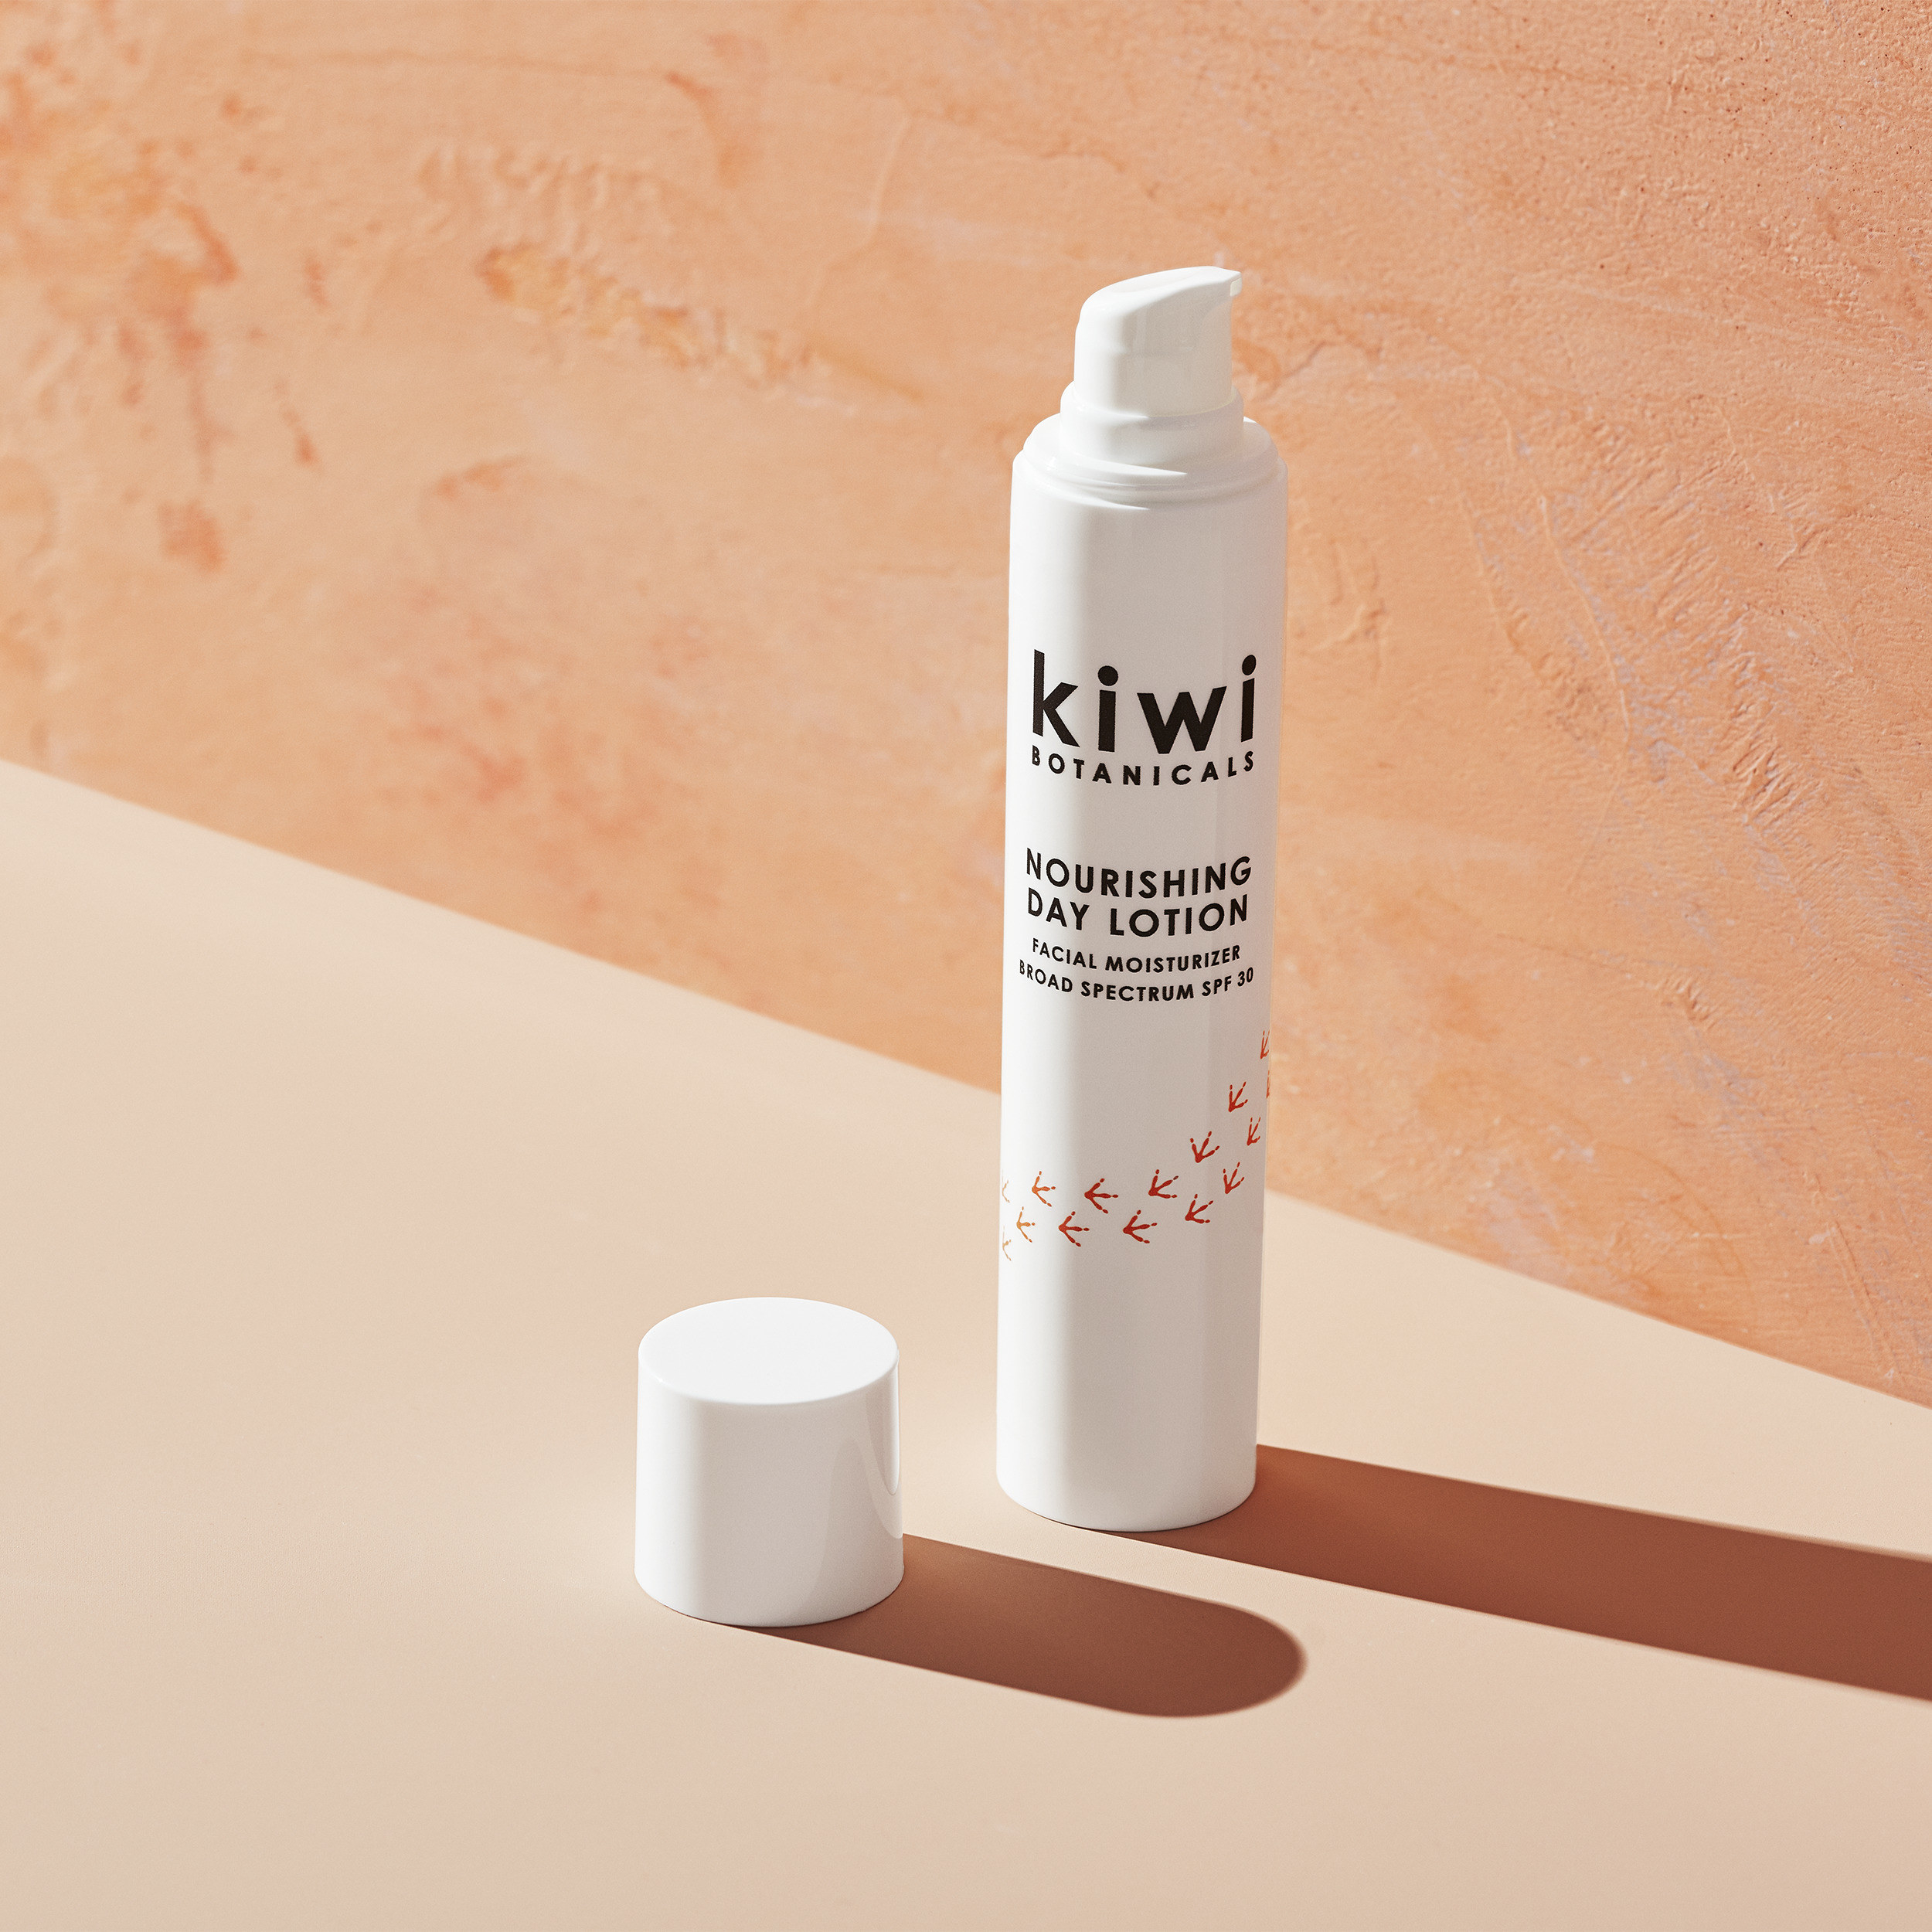 kiwi botanicals lotion bottle with spf 30